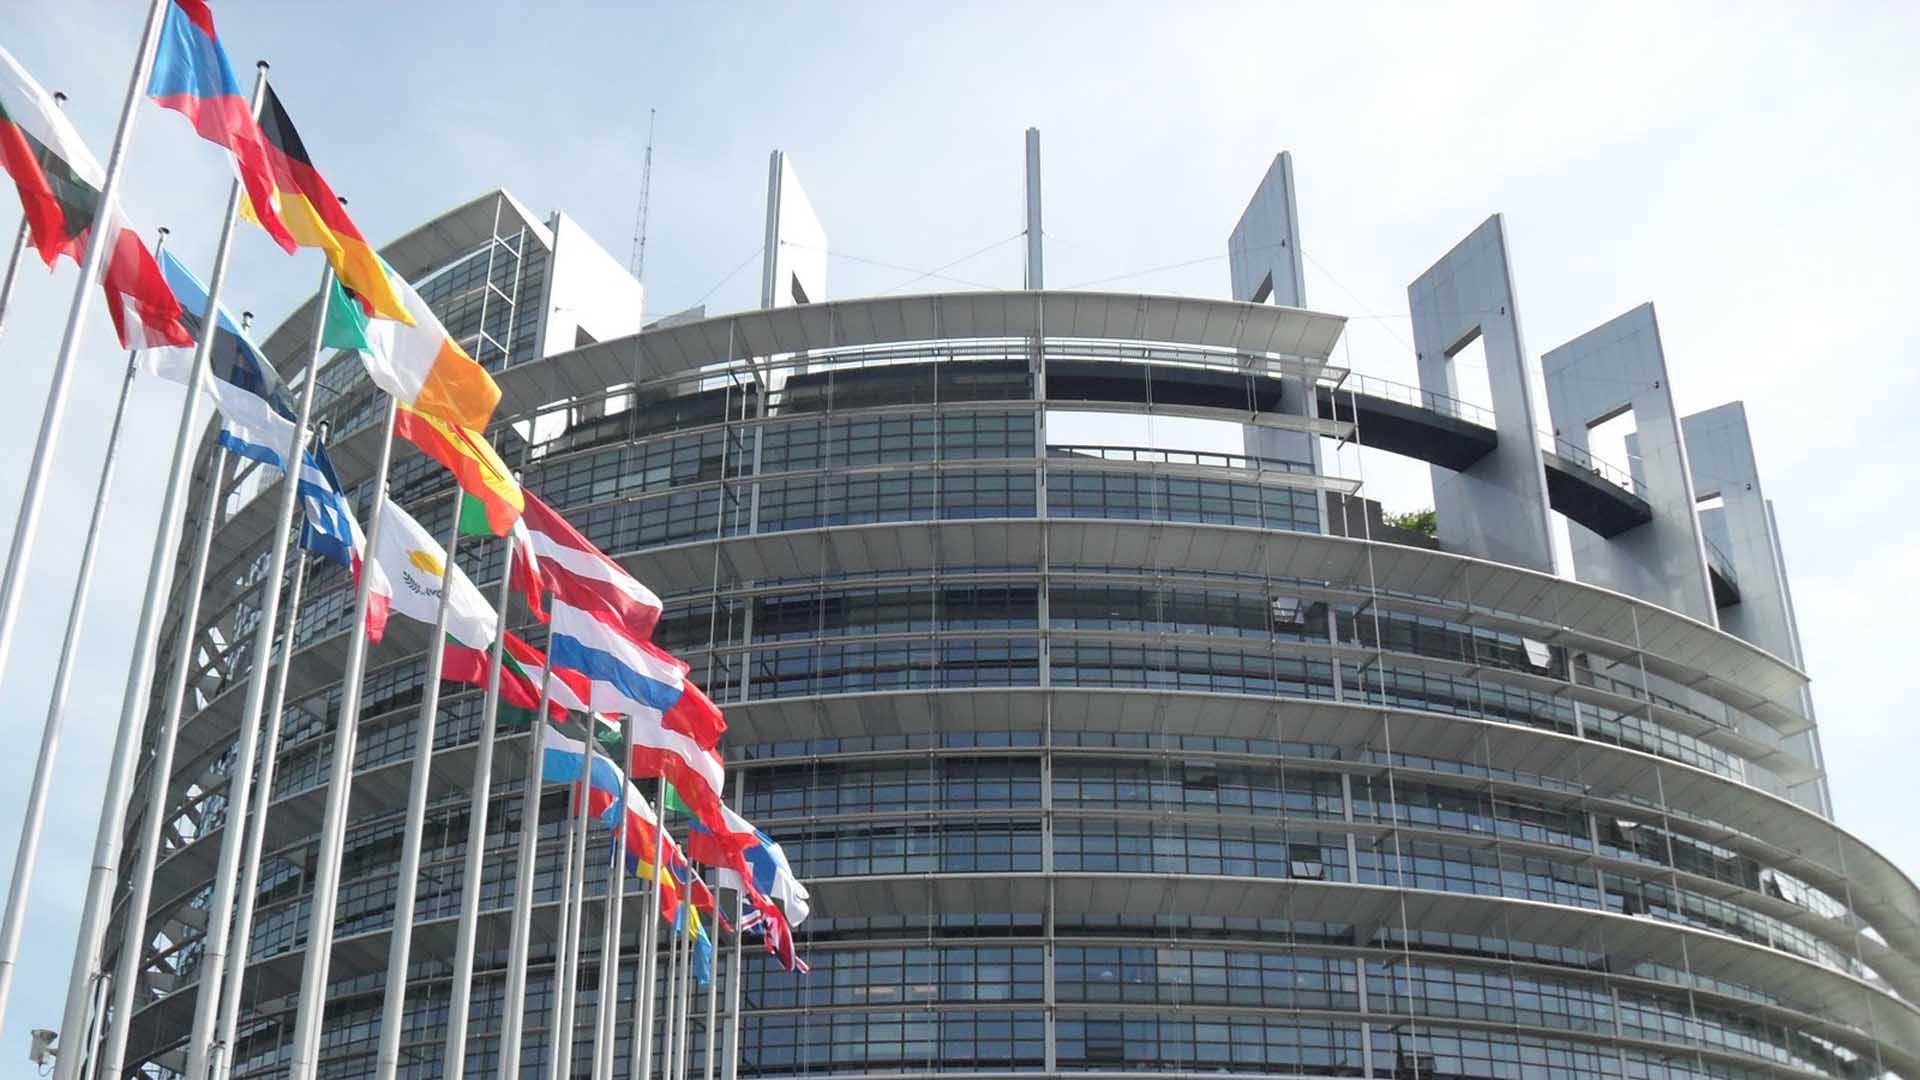 La Comisión Europea y el Consejo Europeo rechazaron los actos terroristas registrados en la capital belga este martes